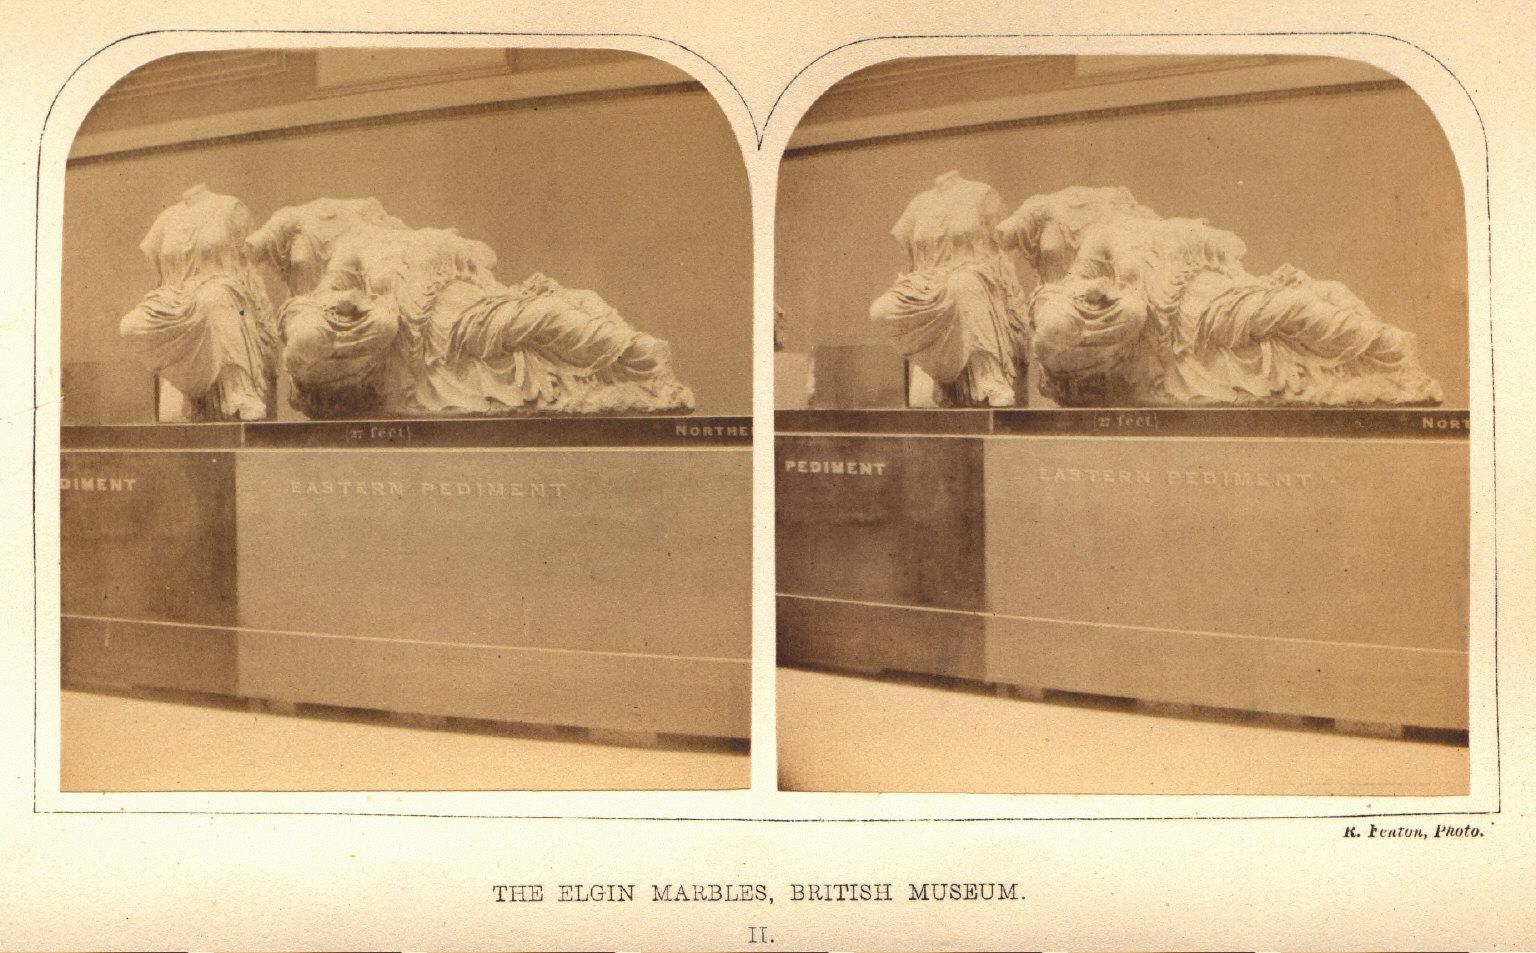 The Elgin Marbles, British Museum II